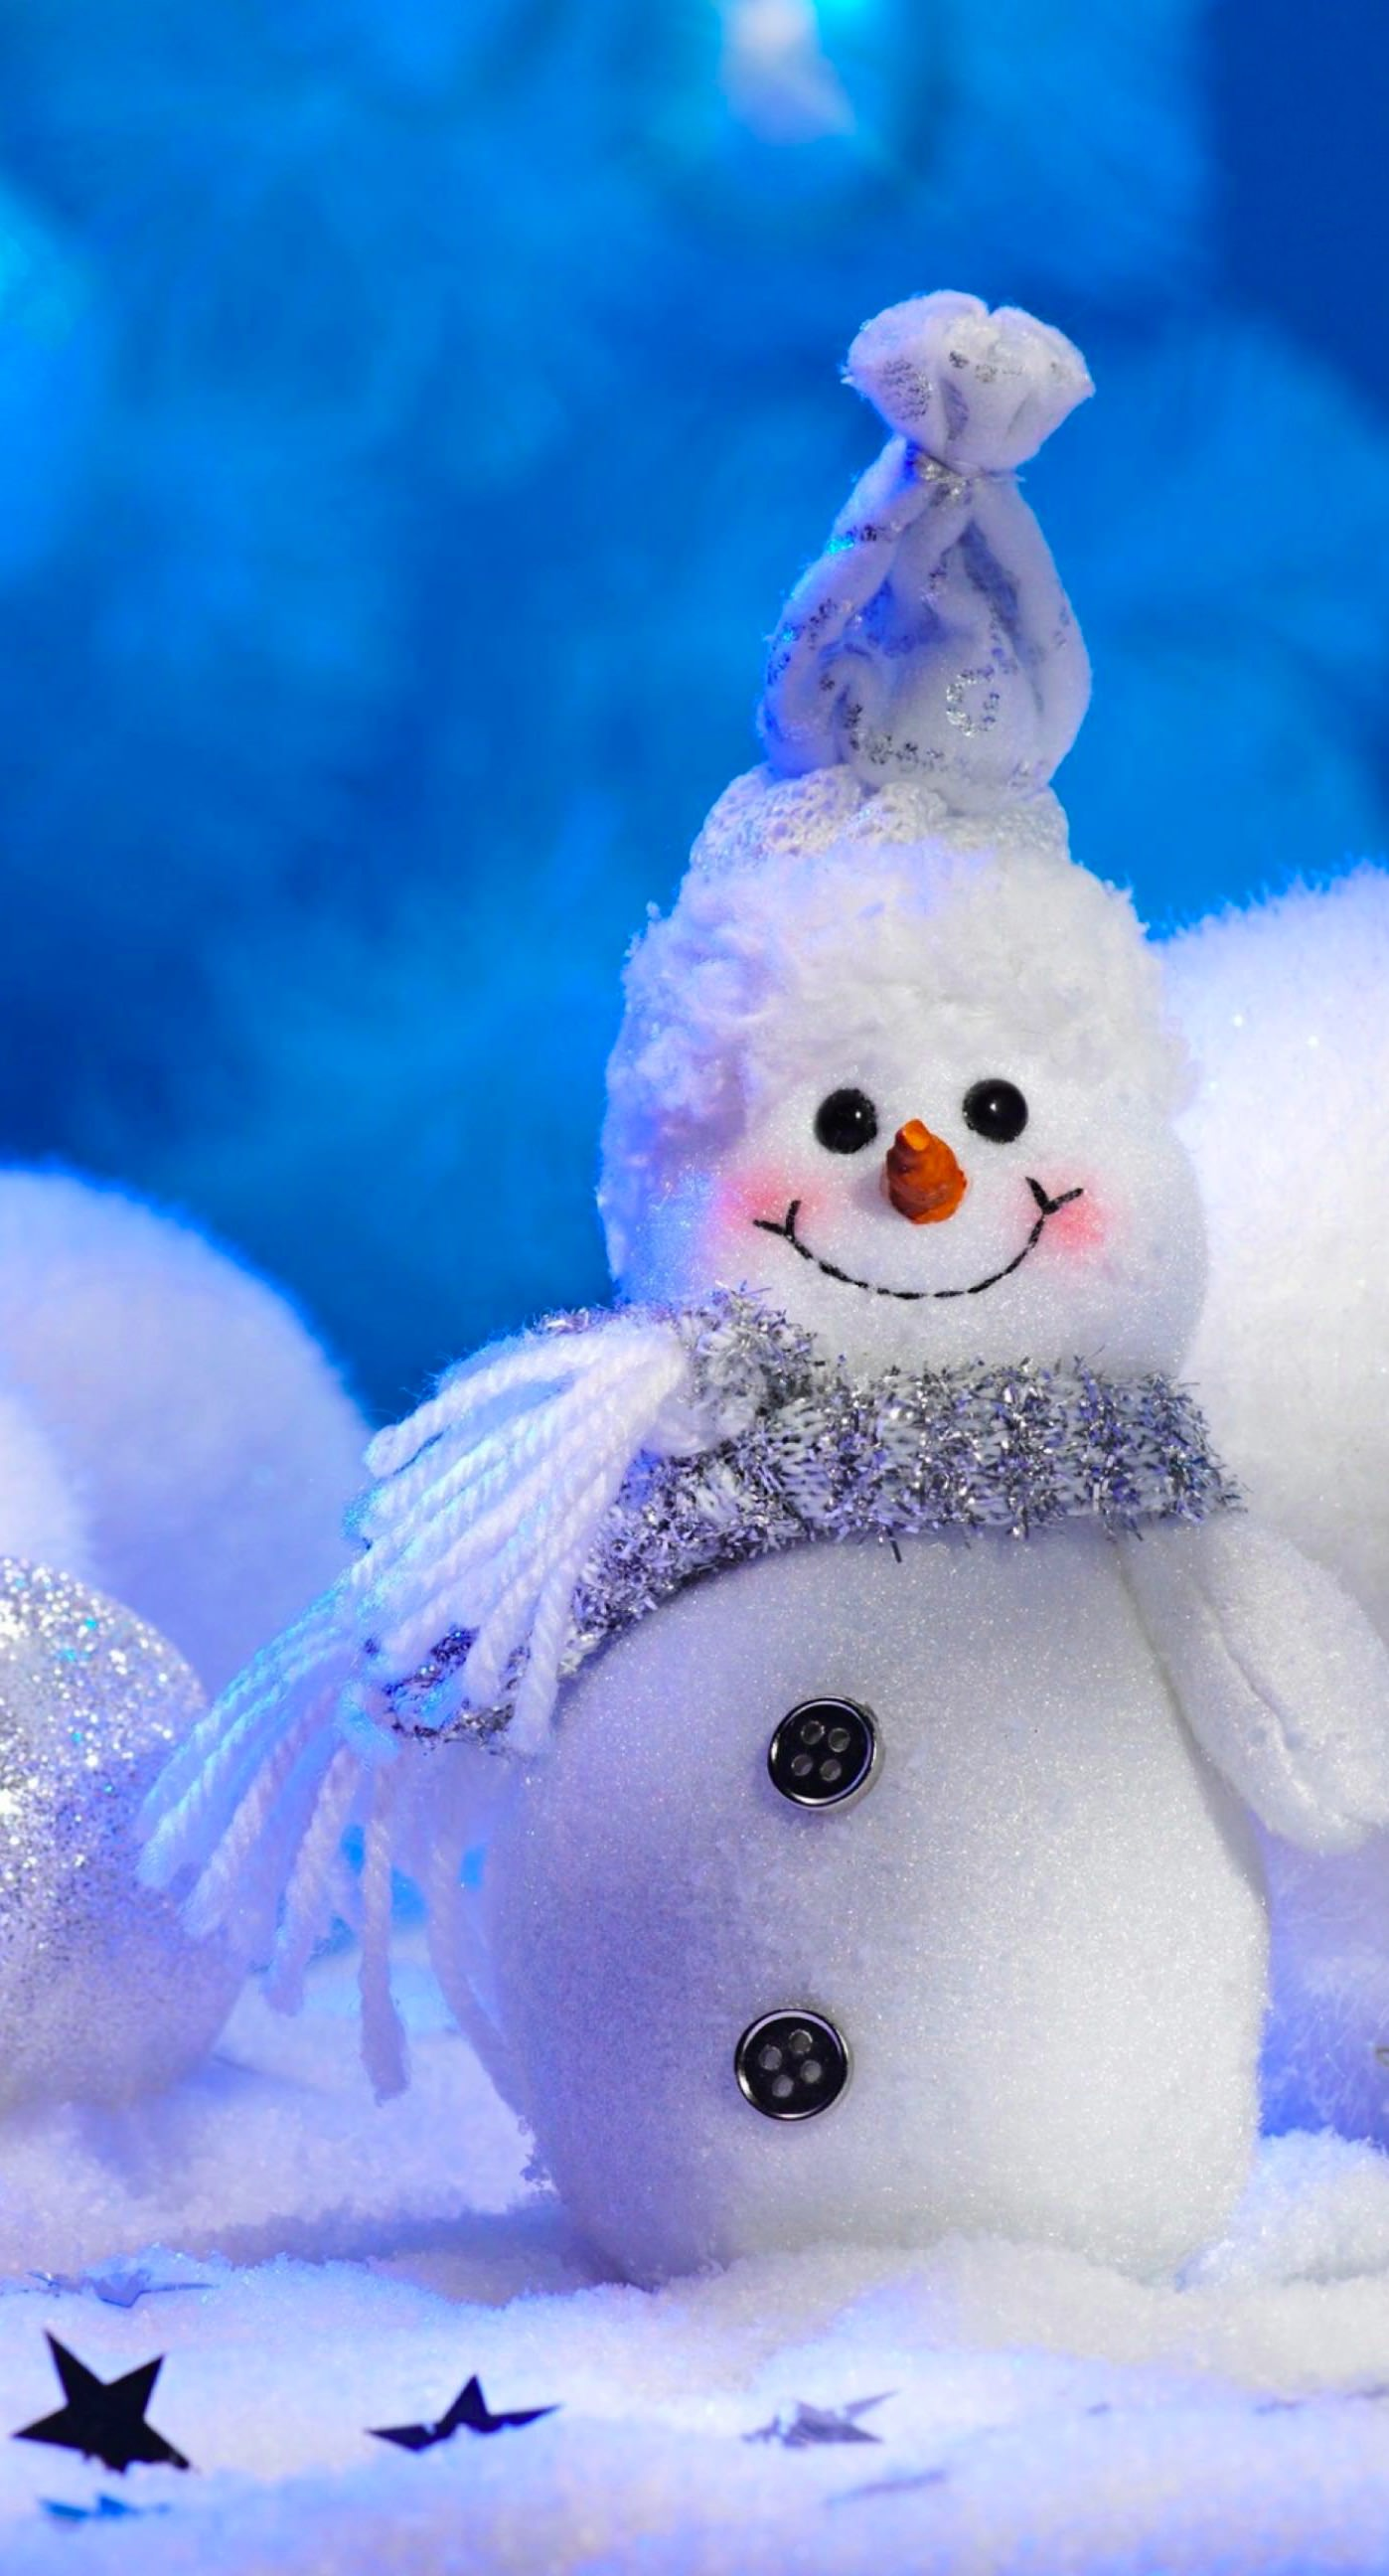 かわいい雪だるま白 Wallpaper Sc Iphone6splus壁紙